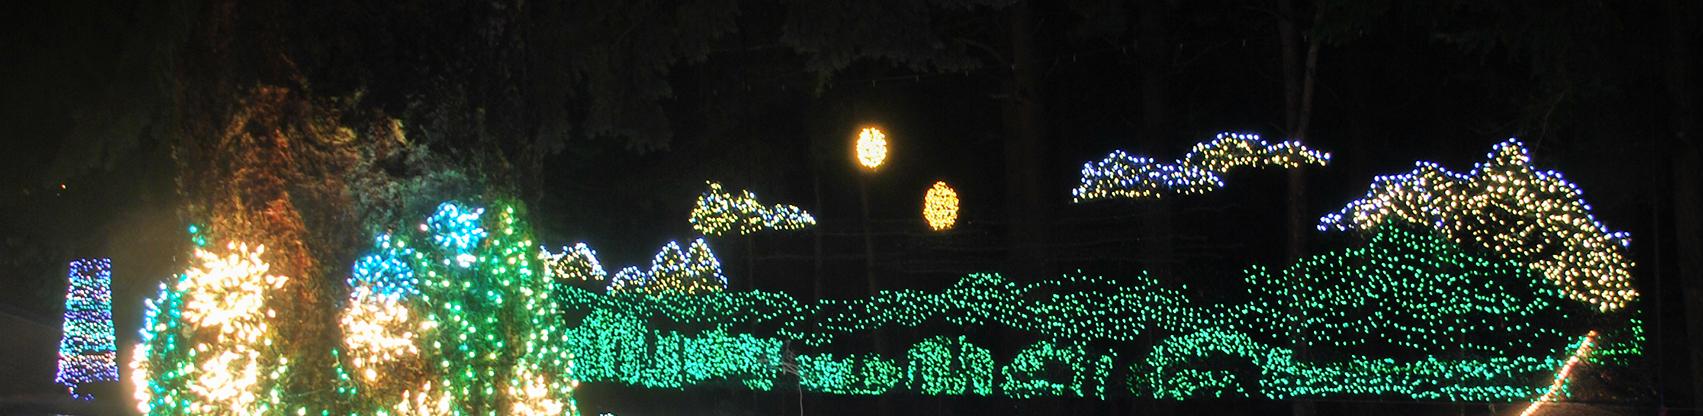 lightsofchristmas